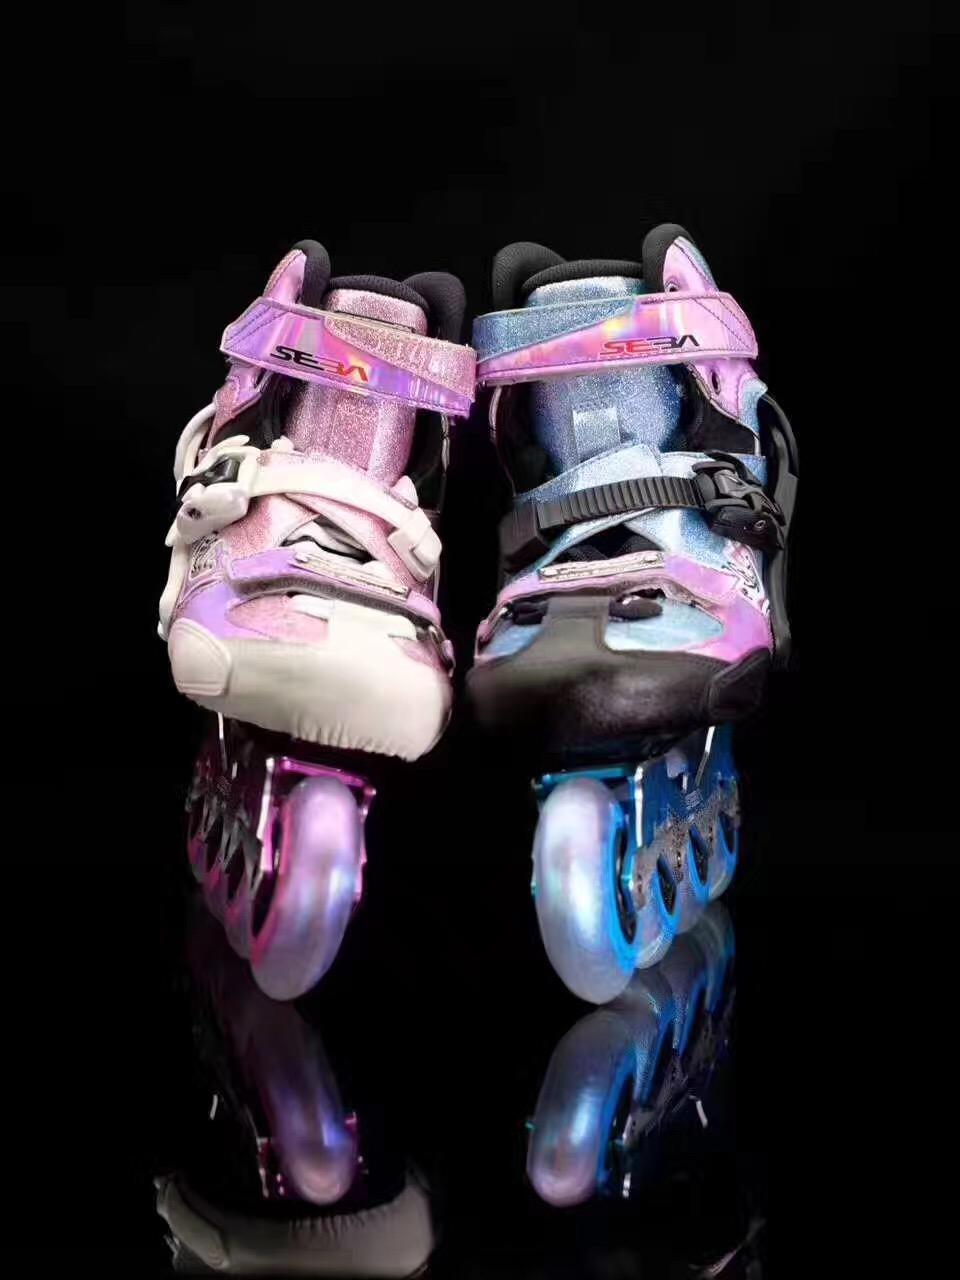 福州专业级的KSJ-J儿童碳纤平花鞋供销,轮滑鞋